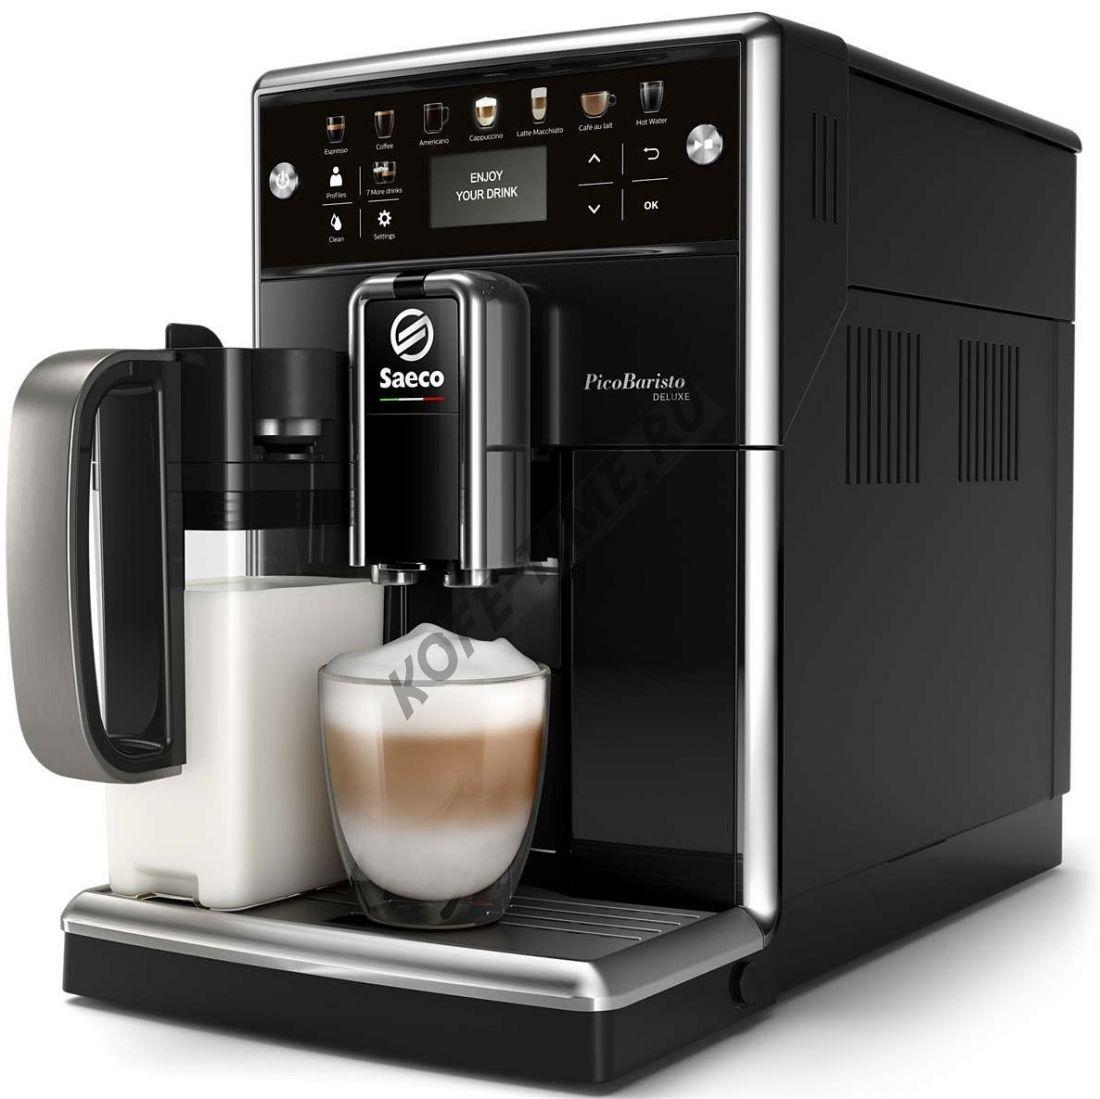 Кофемашина Saeco PicoBaristo Deluxe SM 5570/10